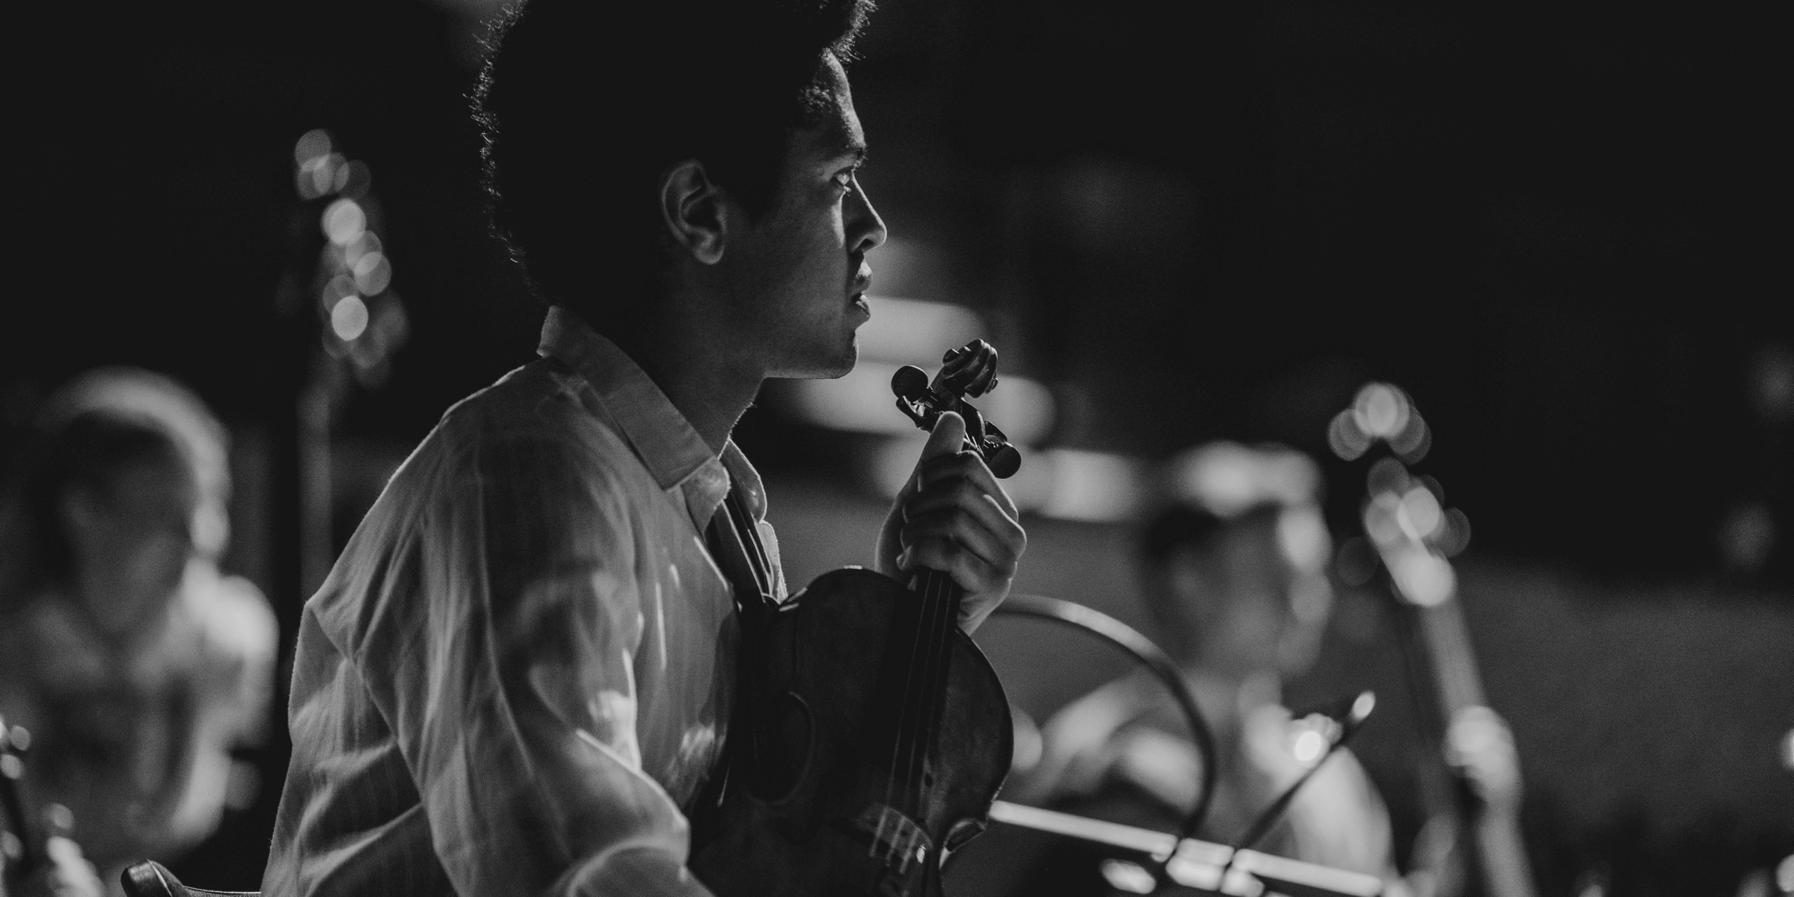 Musician from the Junge Norddeutsche Philharmonie